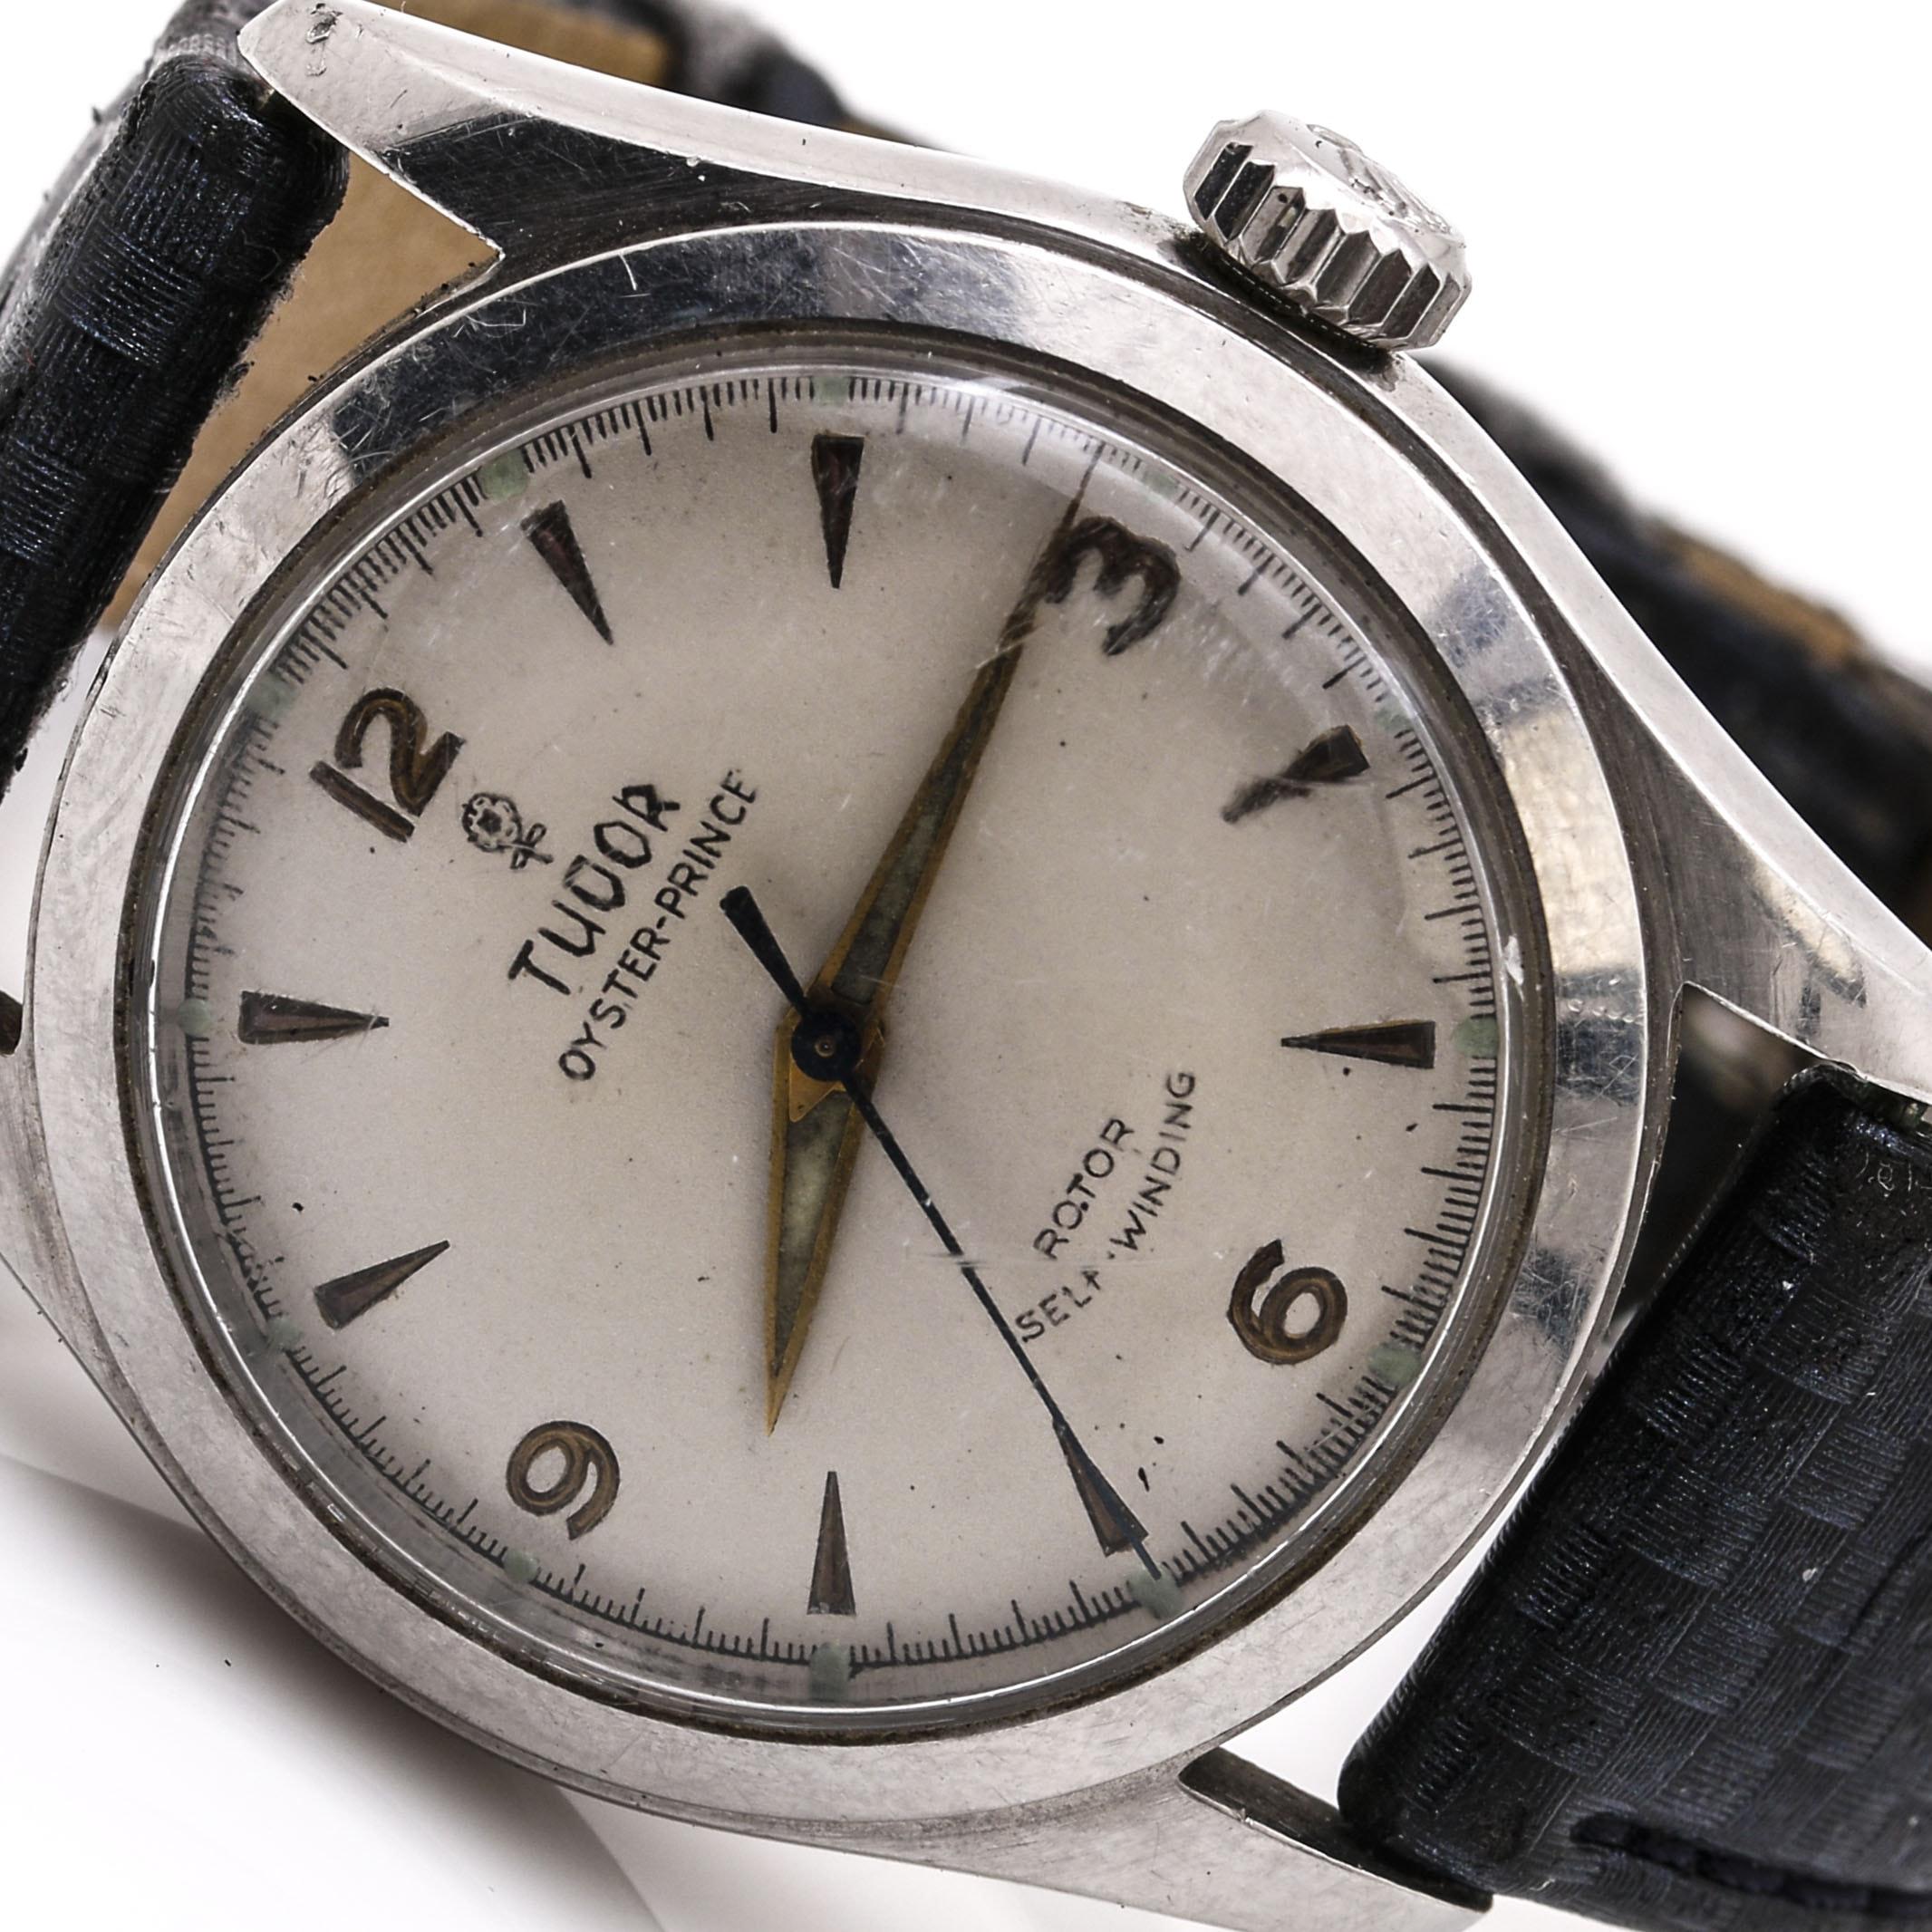 Men's Tudor Self-Winding Watch